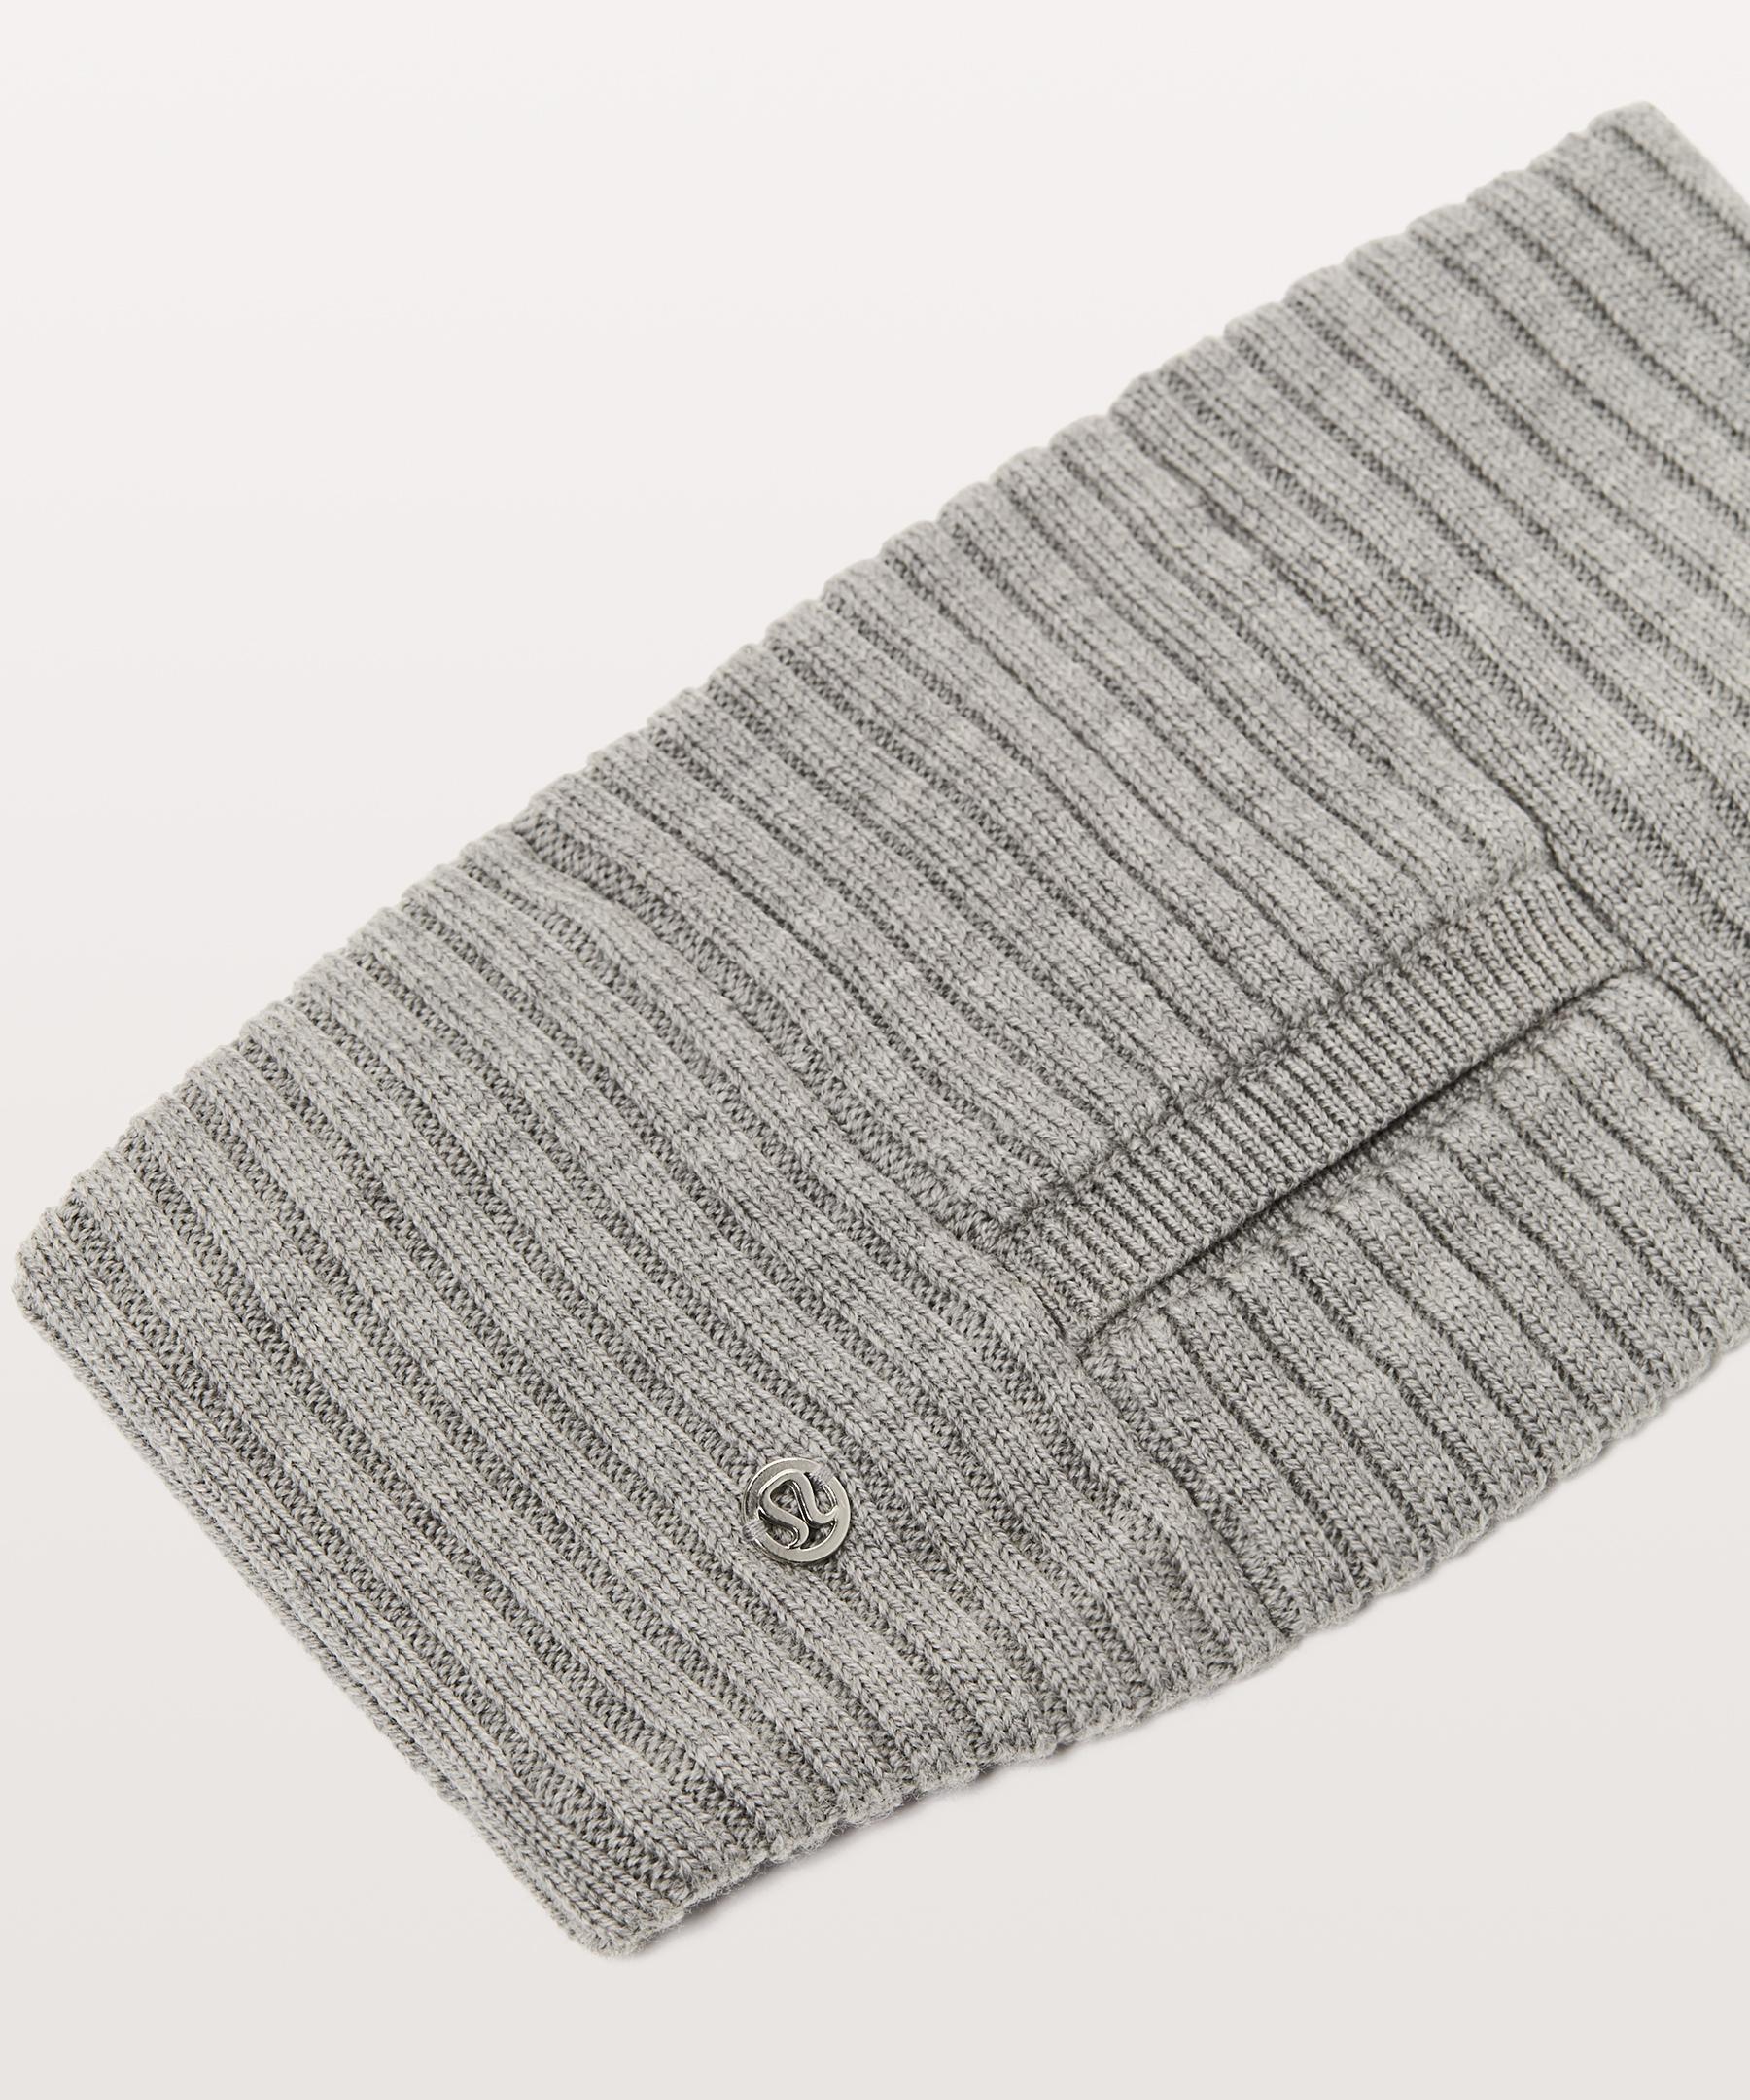 fff2b7cf9bb lululemon athletica Wool Be Cozy Ear Warmer in Gray - Lyst